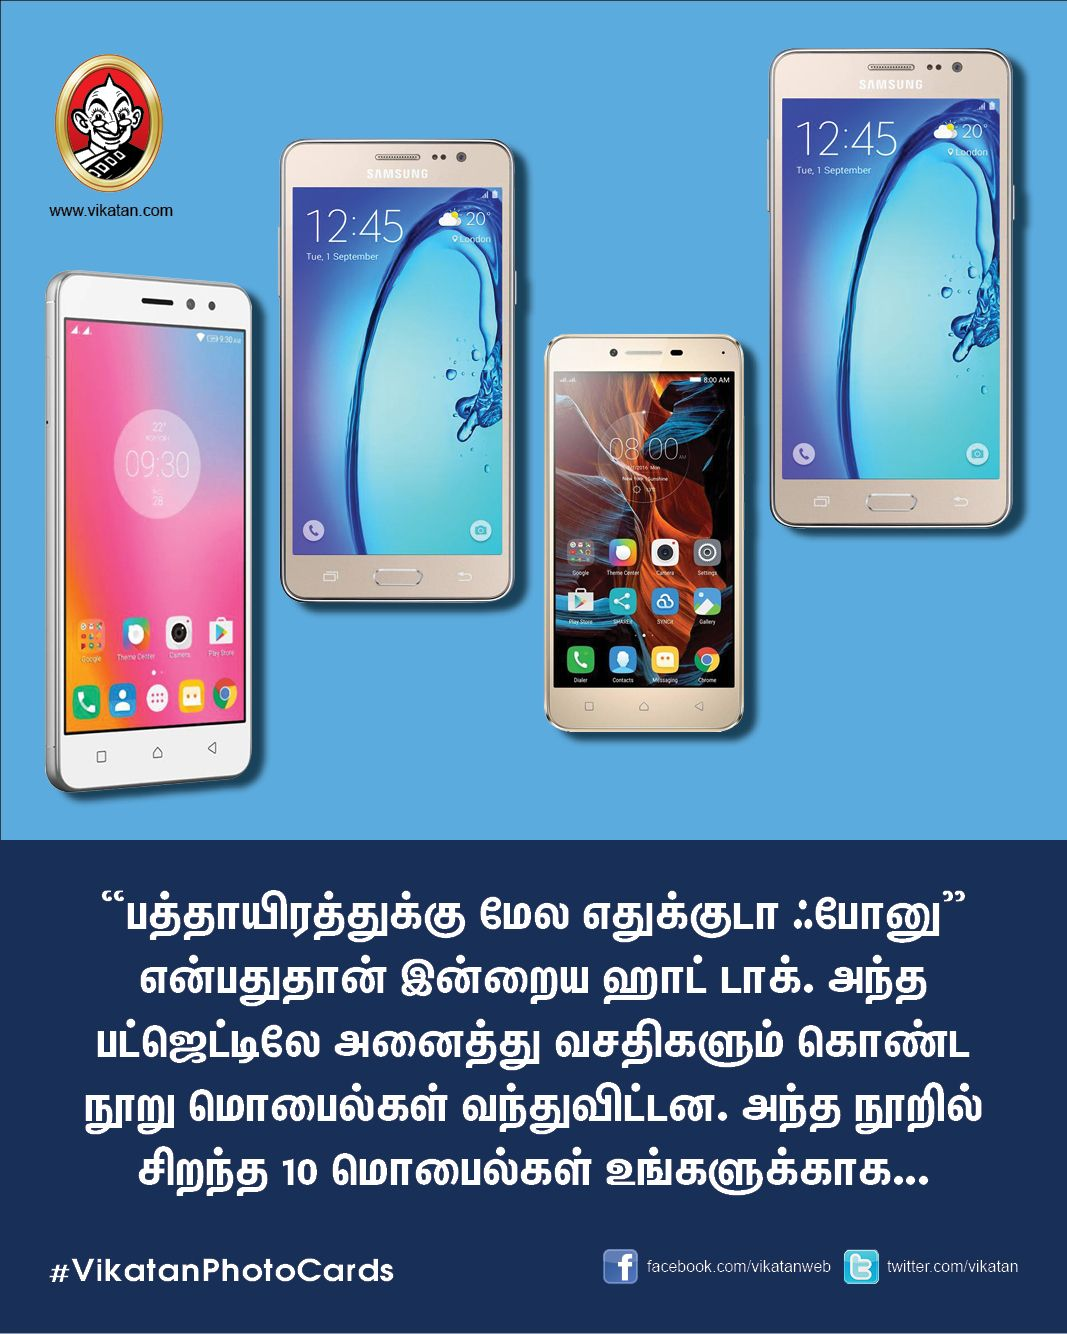 பட்ஜெட் பத்தாயிரம்... என்ன மொபைல் வாங்கலாம்? #MobileBuyingGuide #VikatanPhotoCards